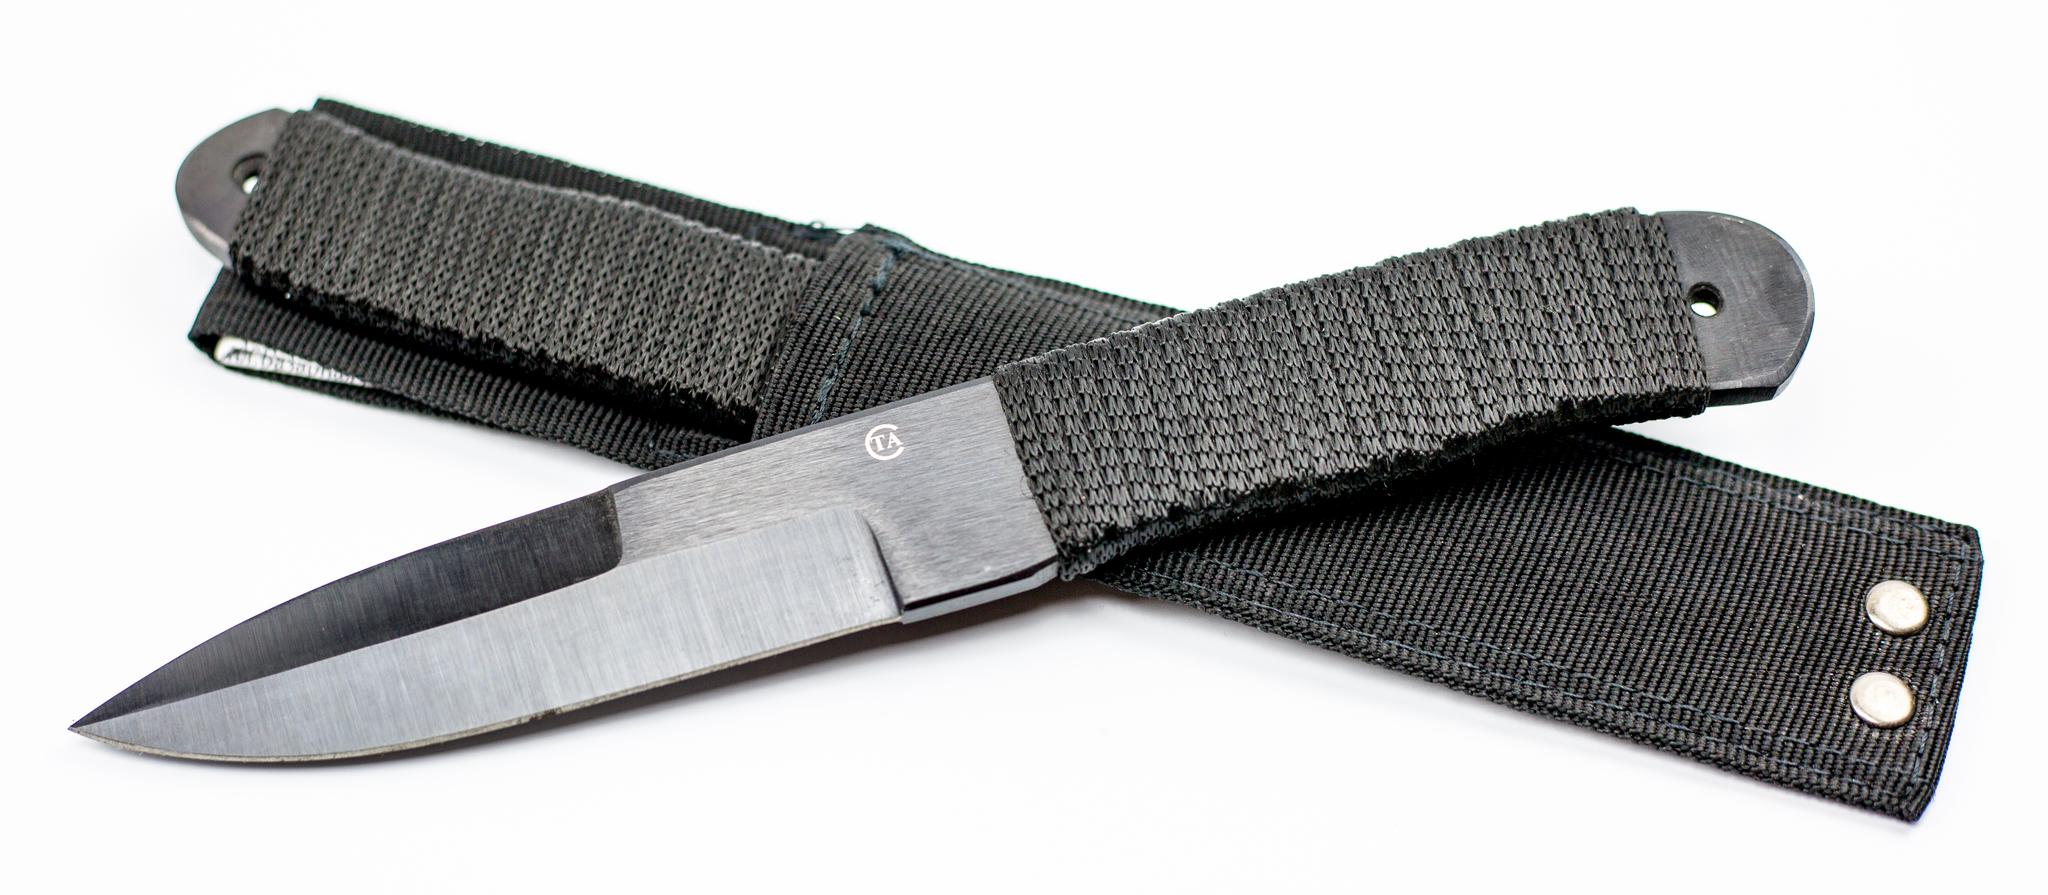 Фото 3 - Метательный нож Тайга, 65Г от Титов и Солдатова